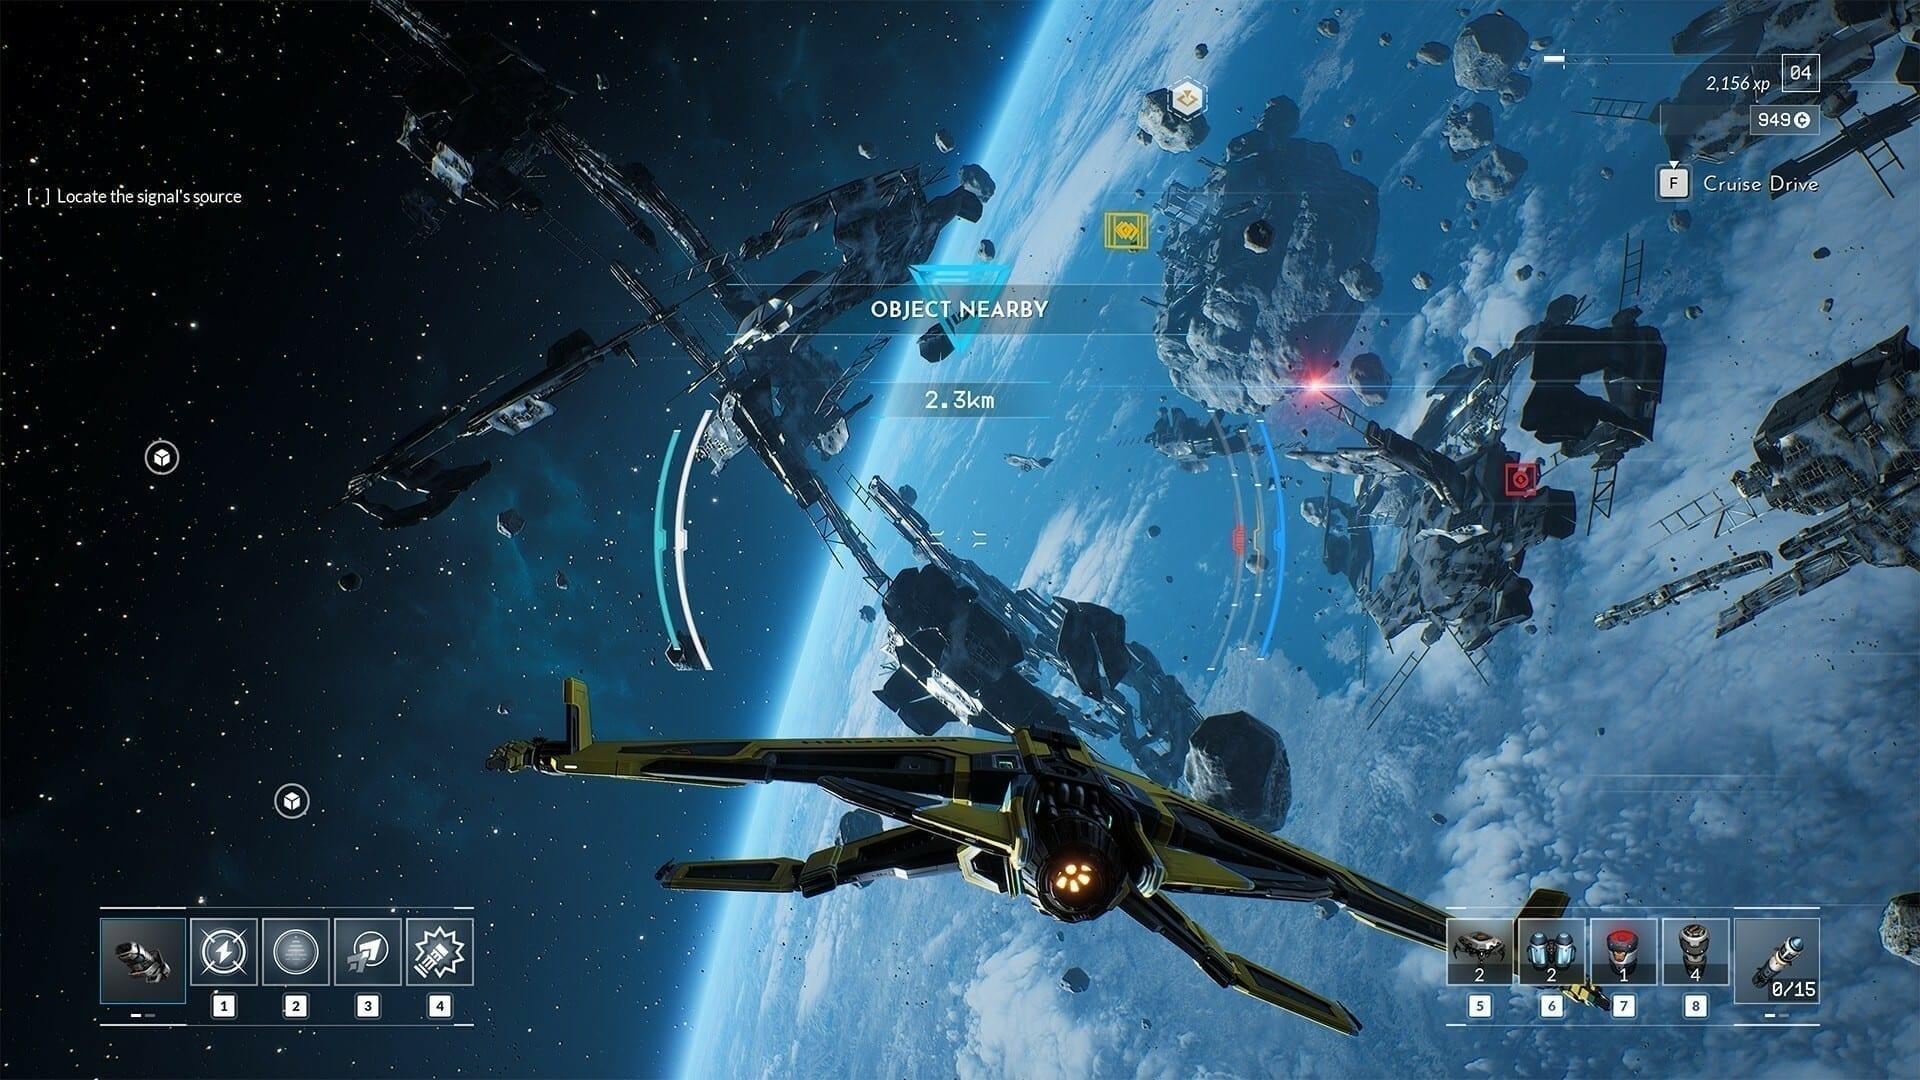 Der Screenshot aus Everspace 2 zeigt ein gelbes Raumschiff im Weltall